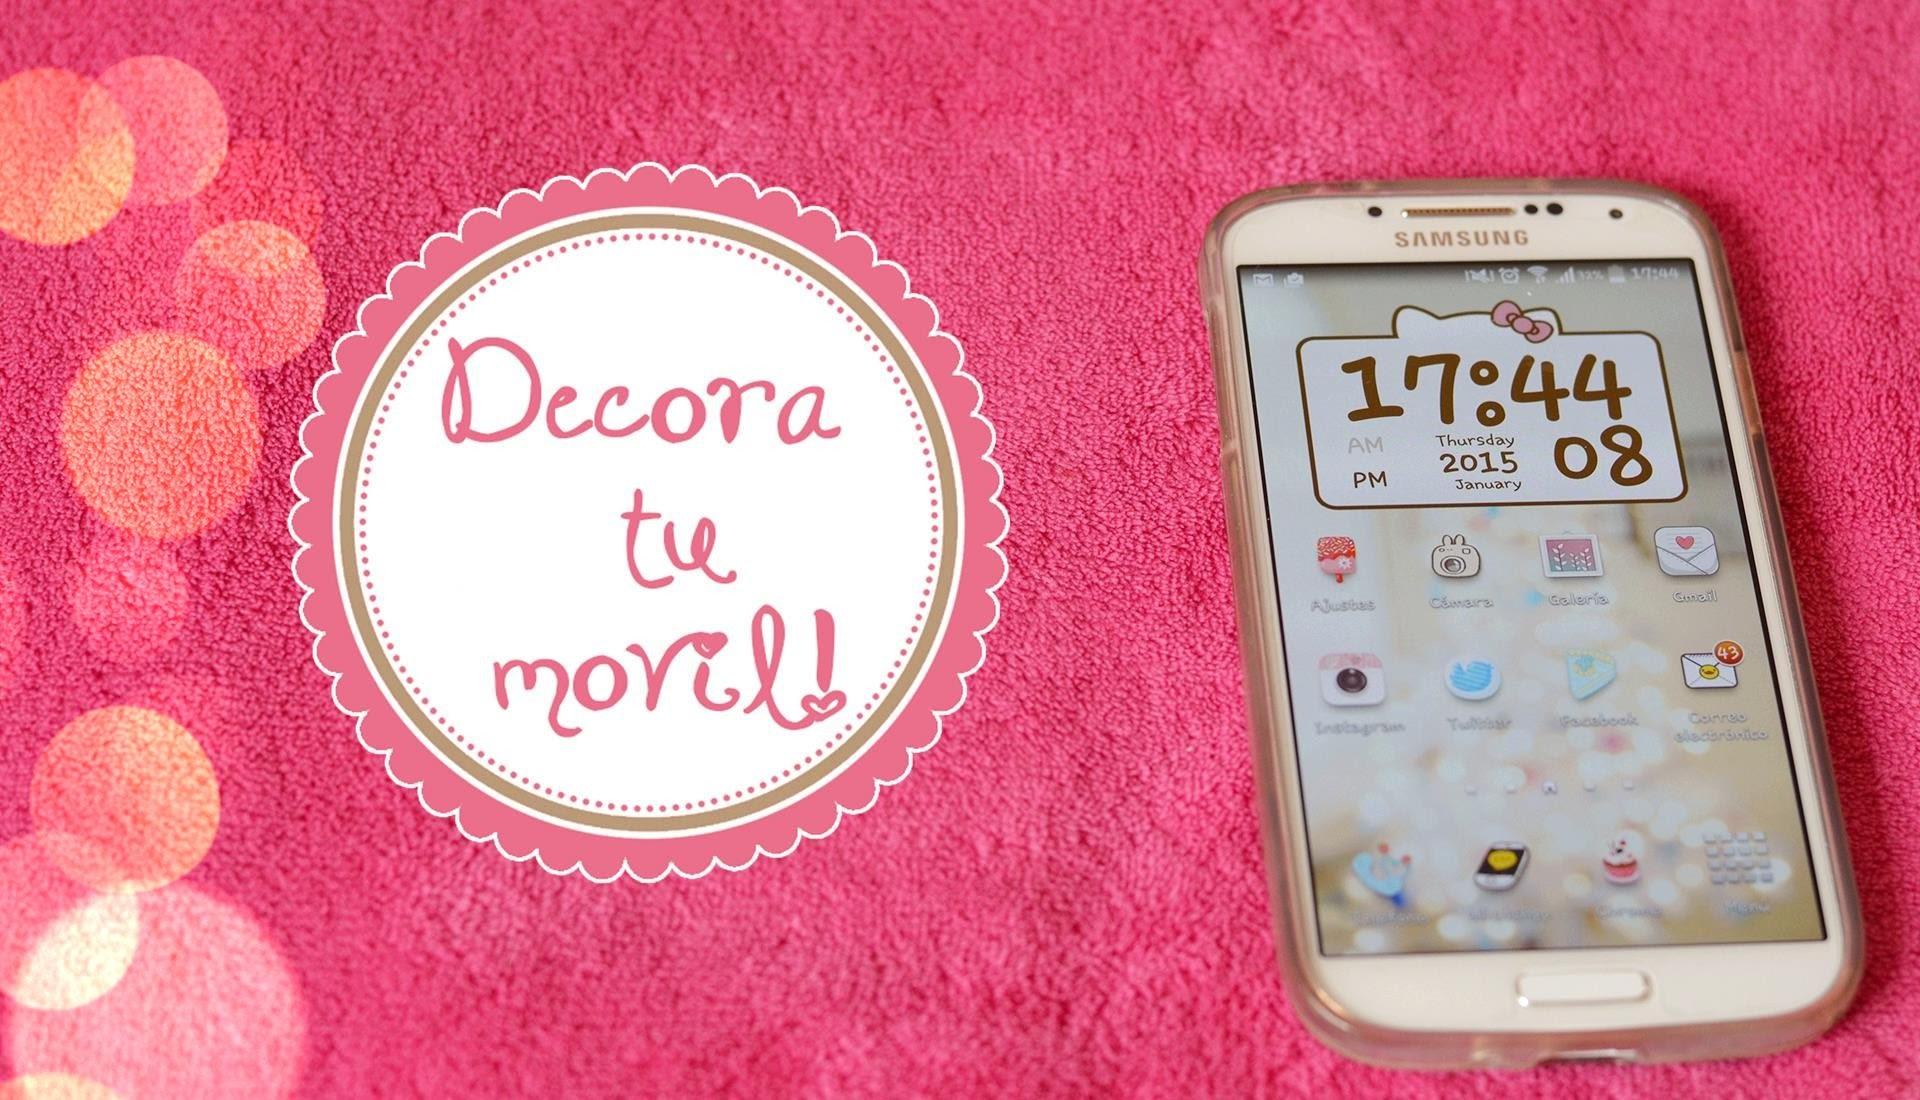 Aplicaciones para decorar tu móvil ♥ Ronro Love